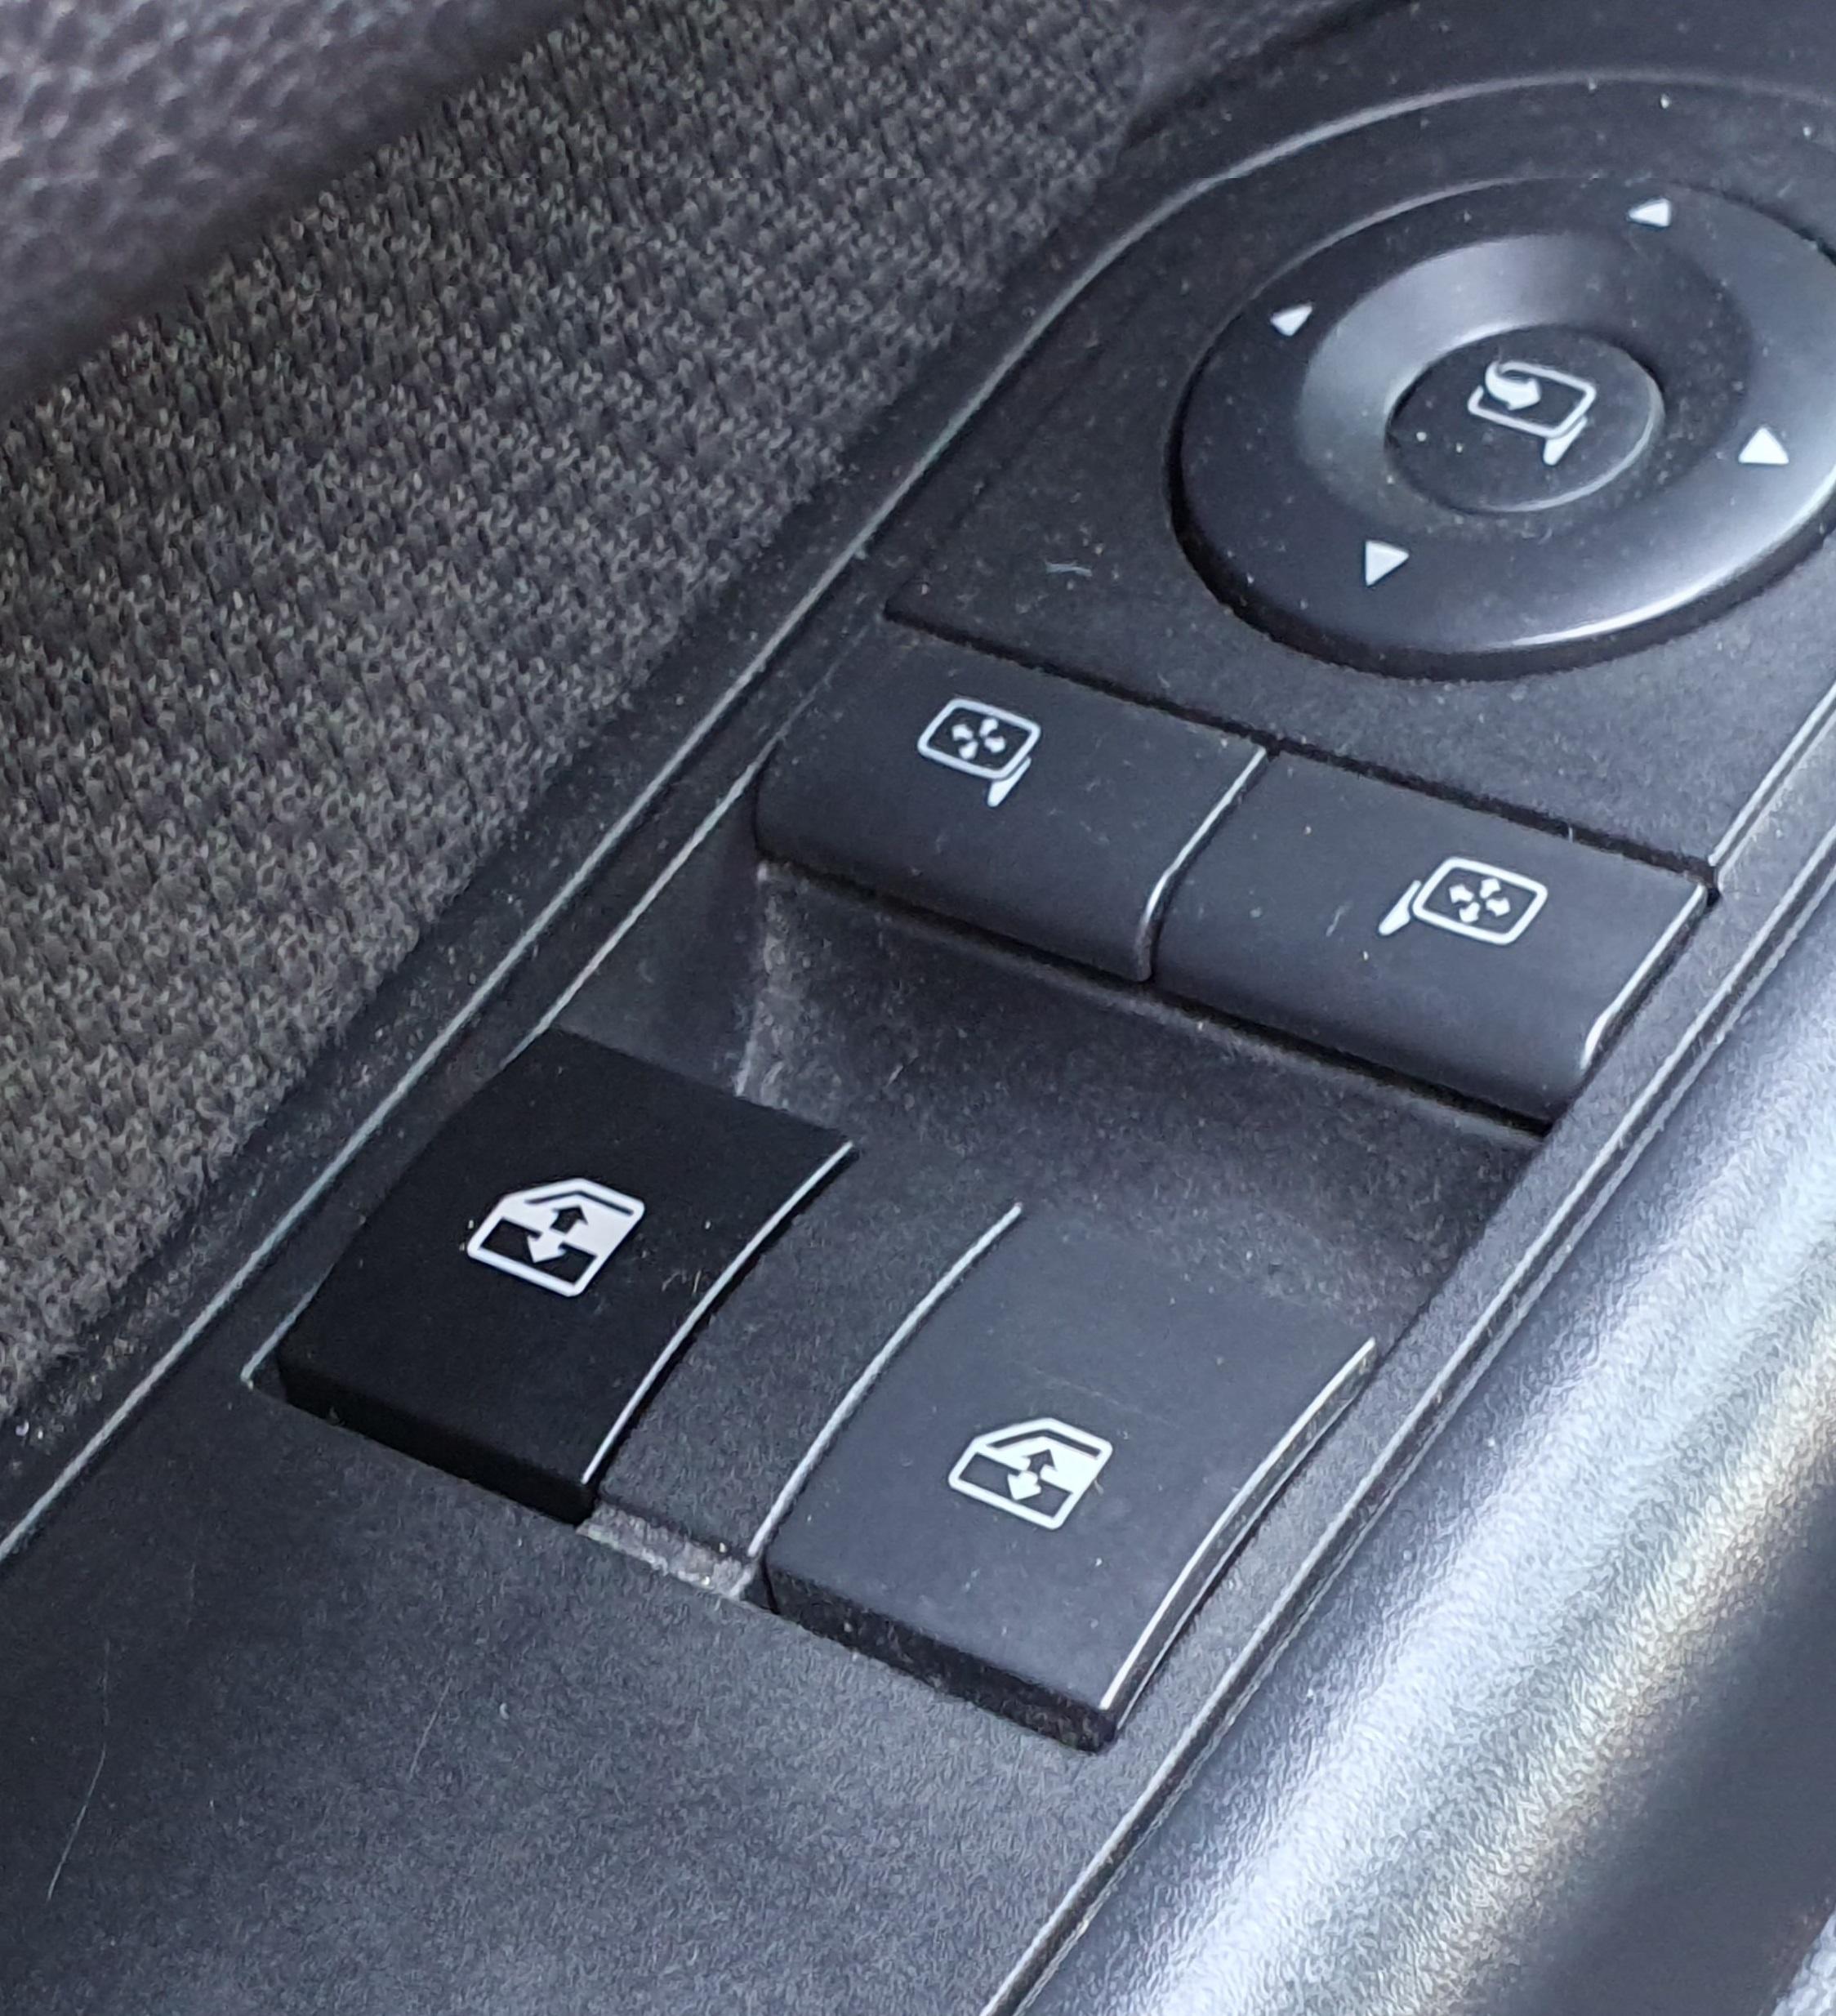 Krytka tlačidlo ovládania okna Opel Astra H Zafira B